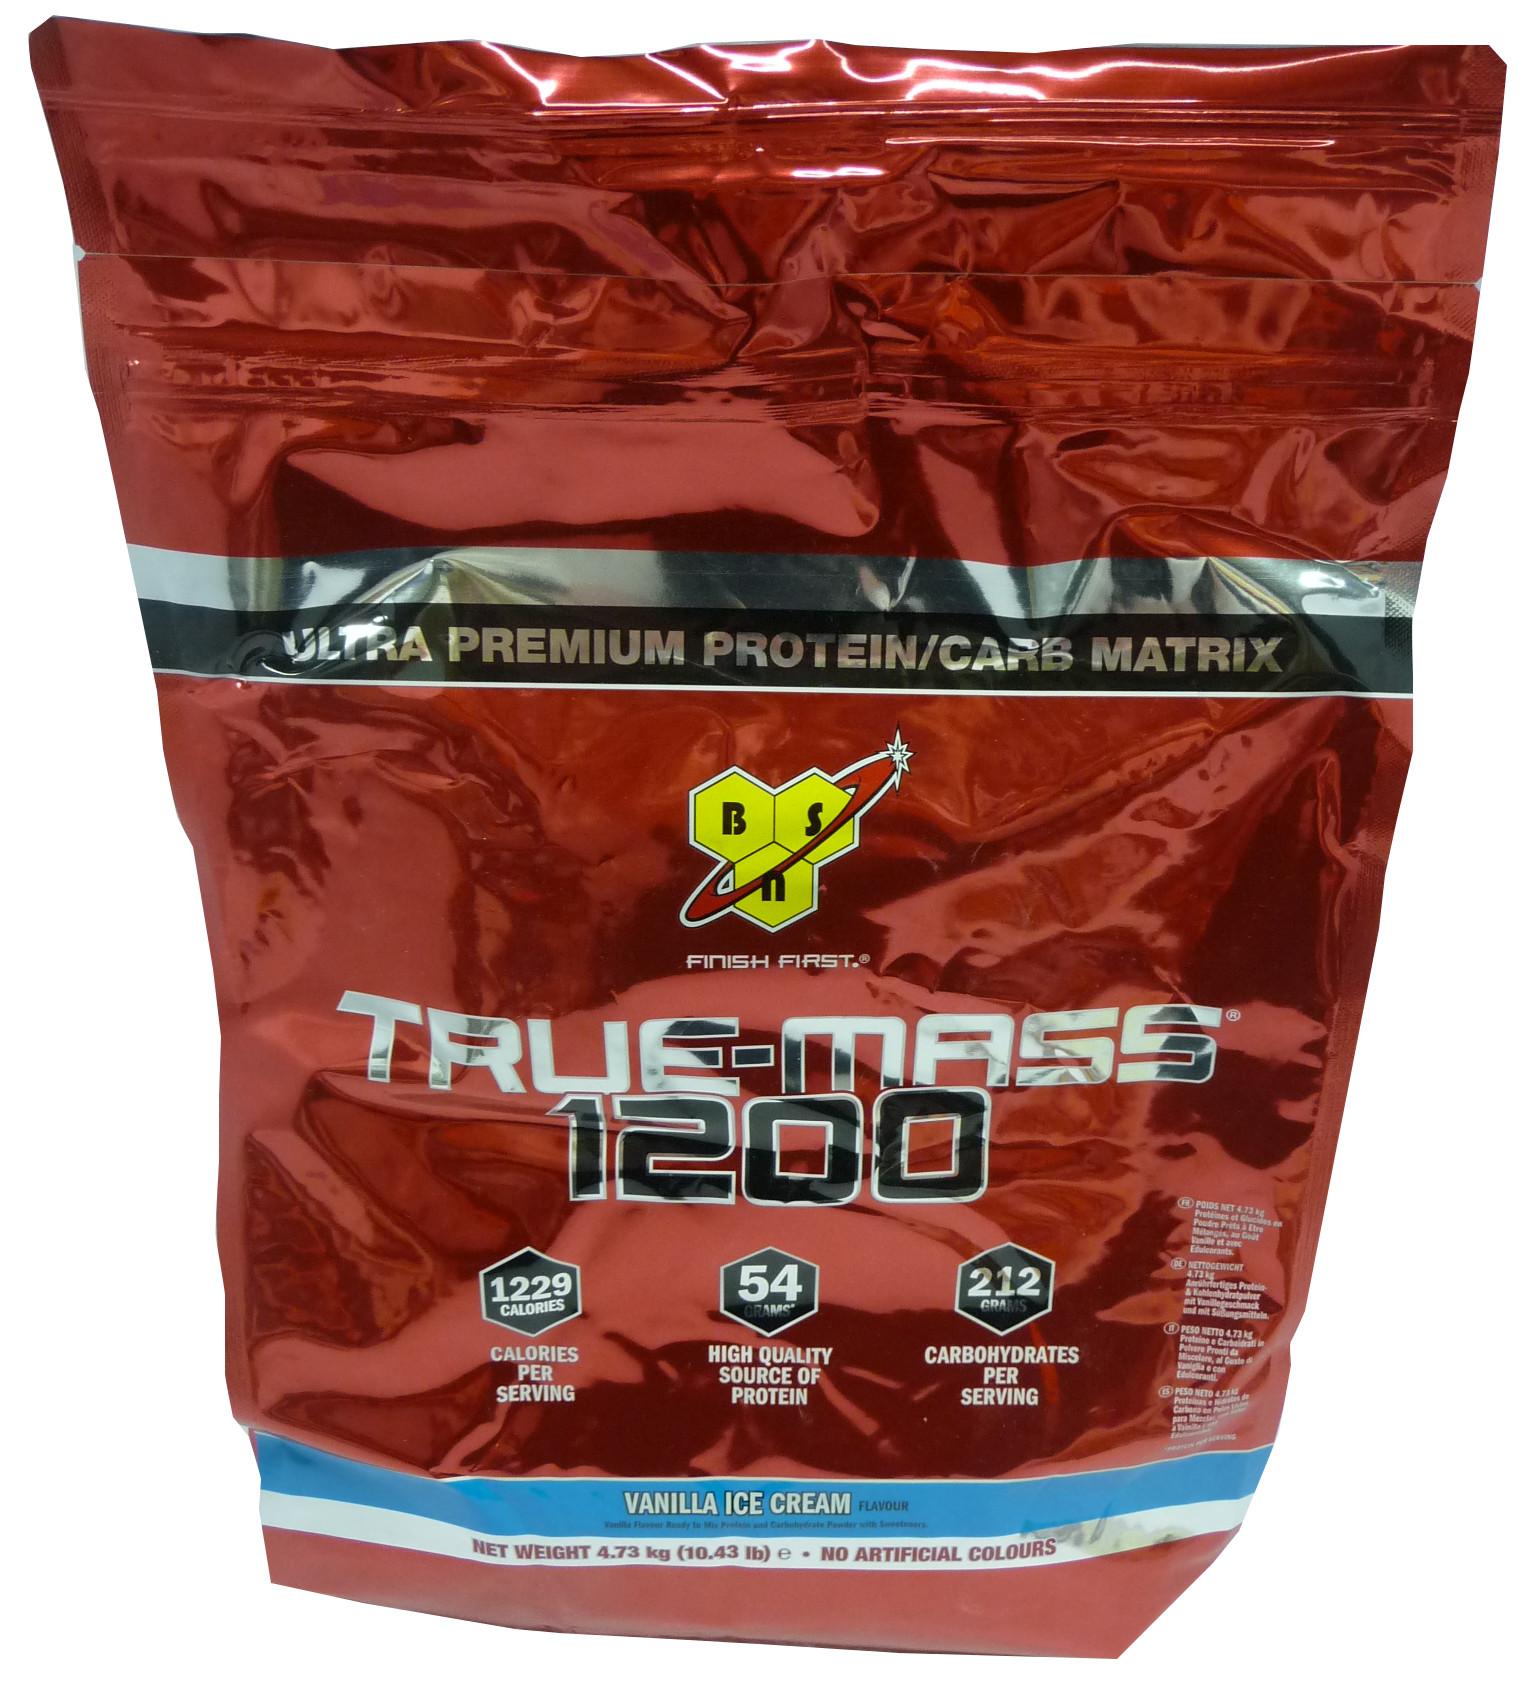 True Mass 1200, Strawberry Milkshake - 4730g versandkostenfrei/portofrei bestellen/kaufen